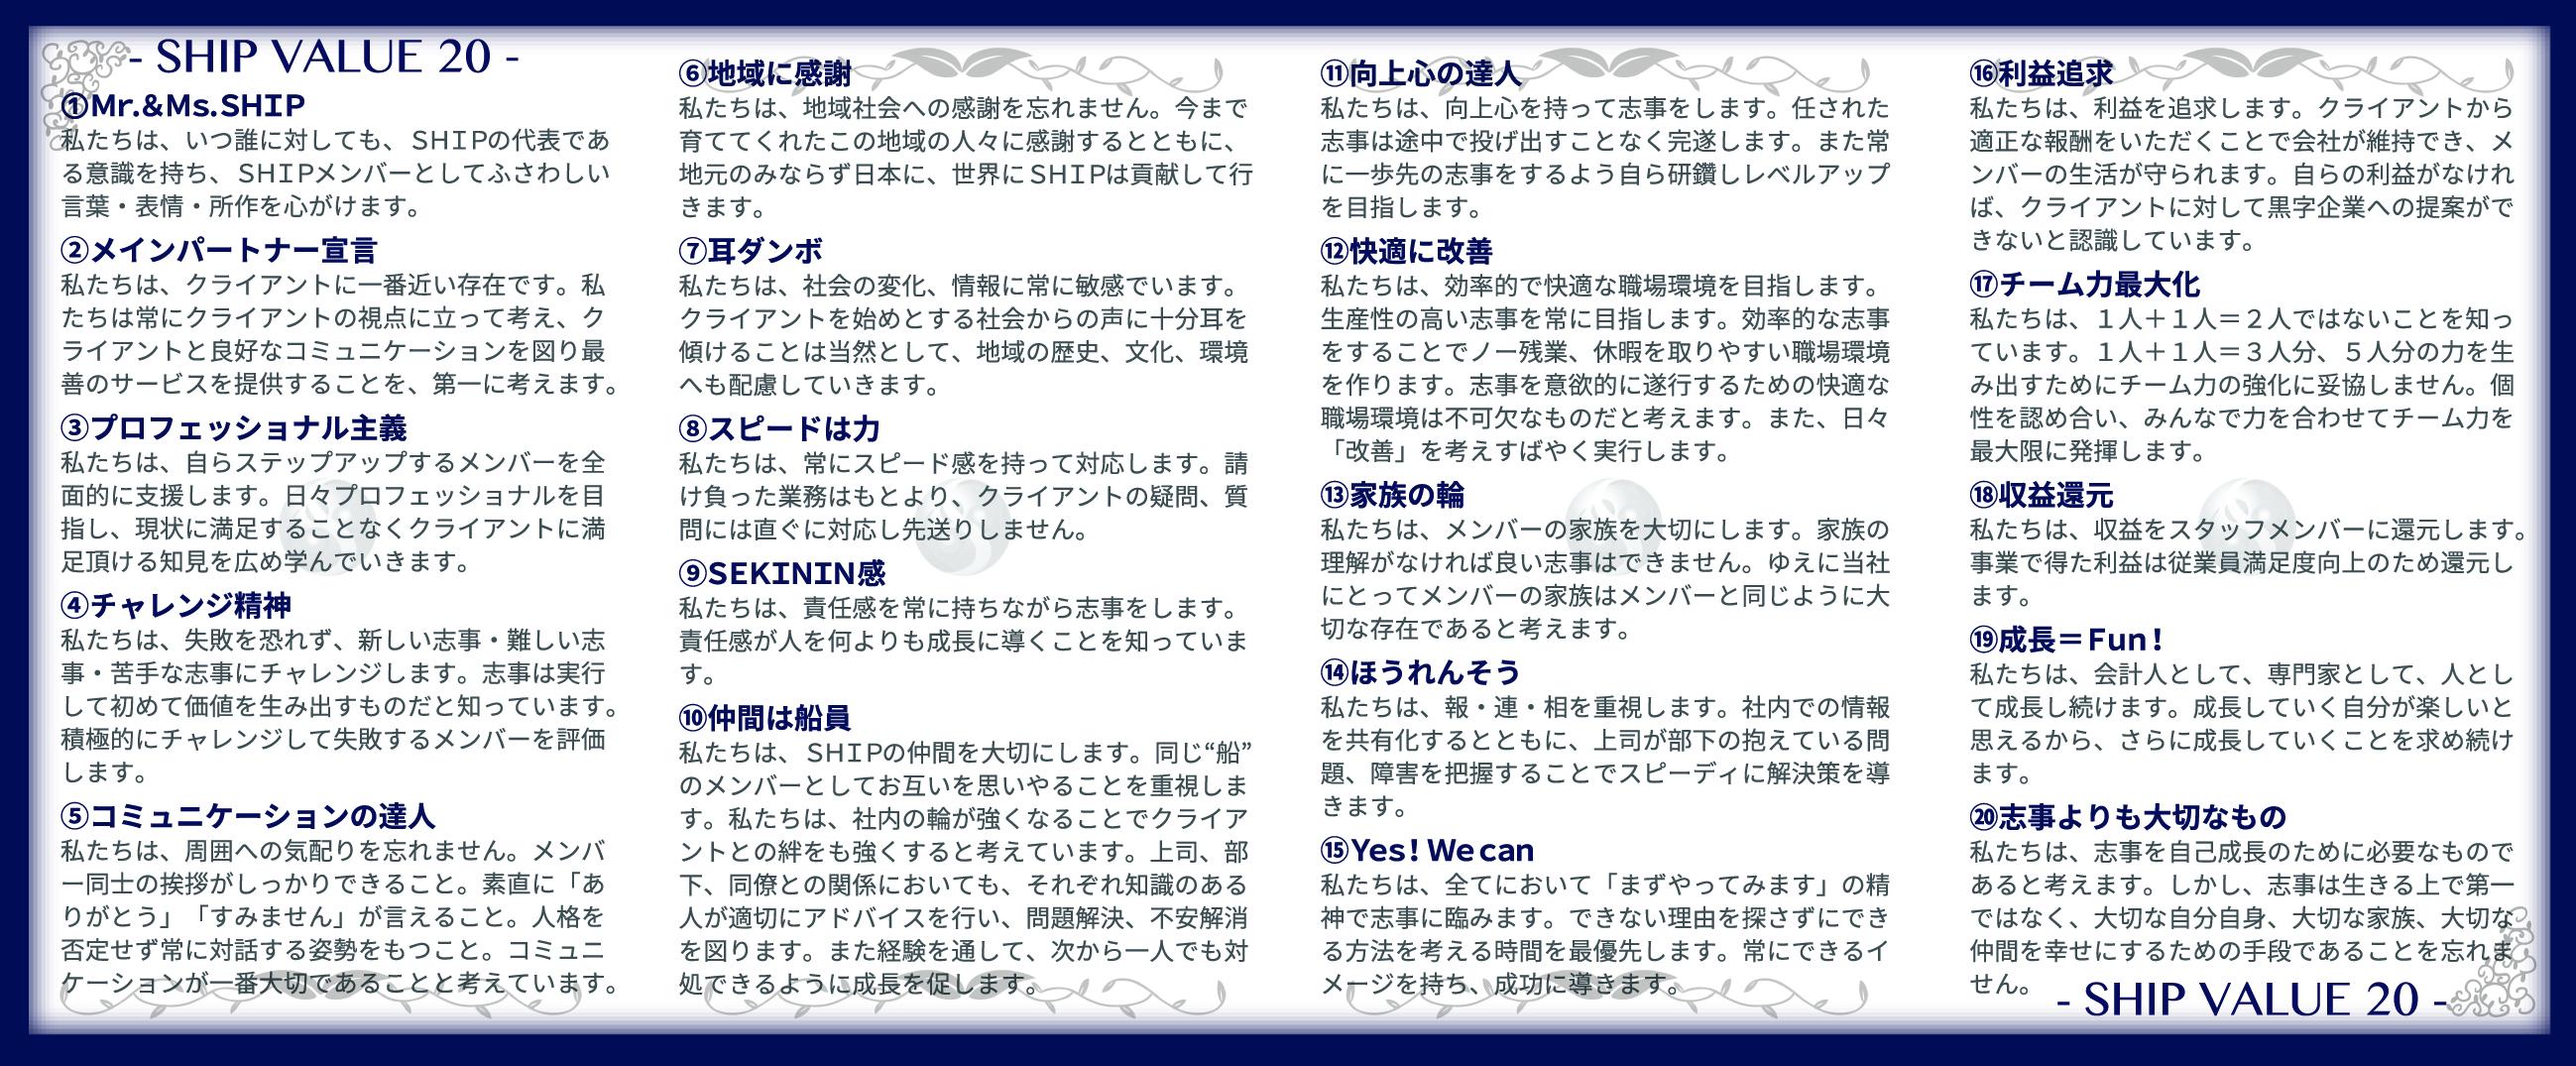 蛇腹クレドカードデザイン02